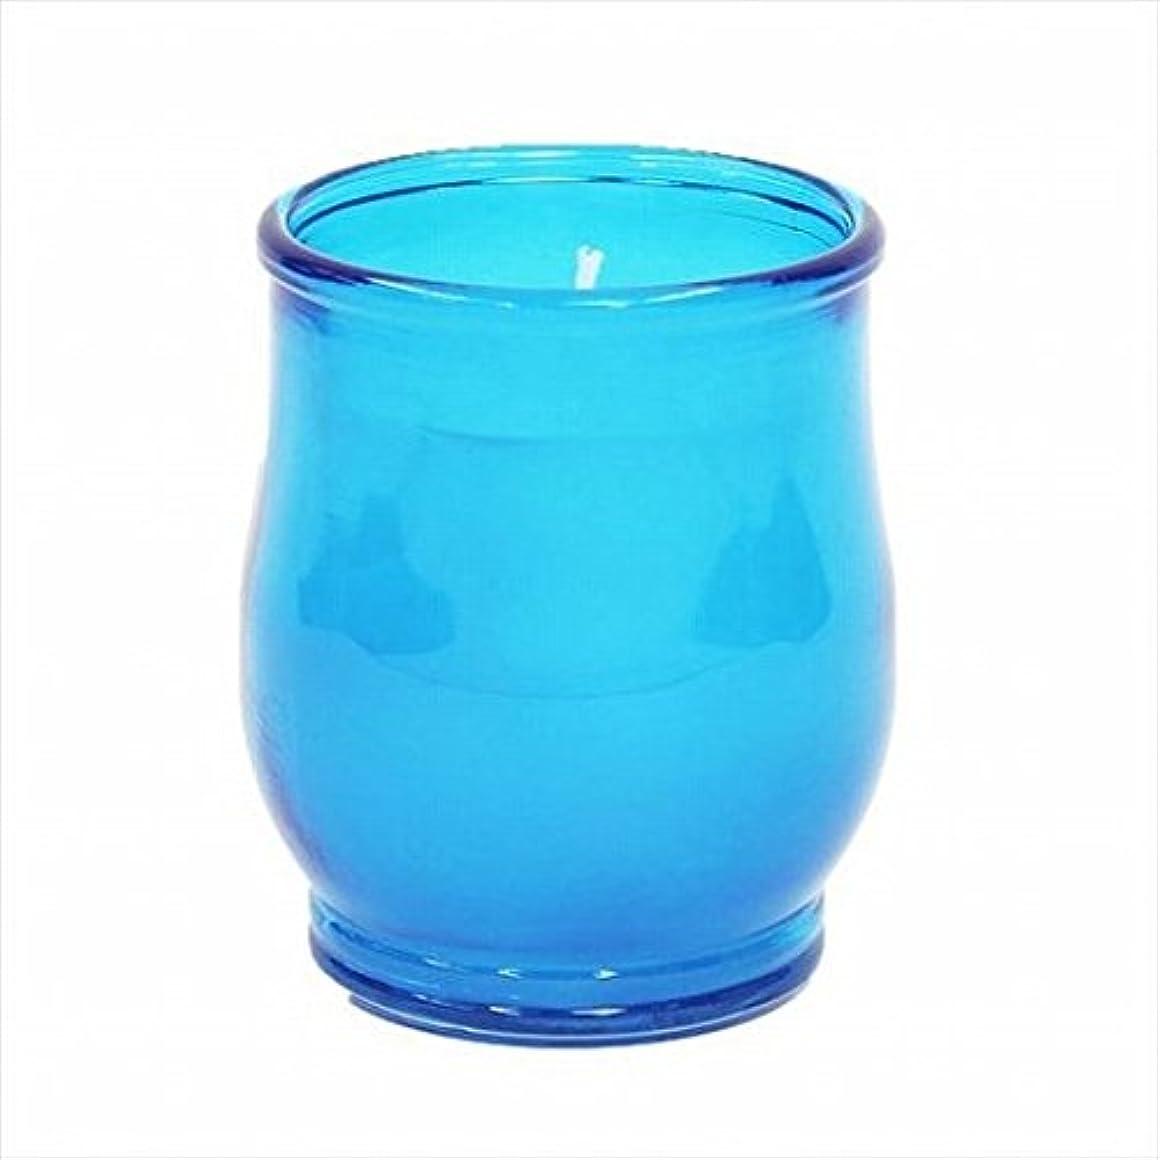 ちょうつがい地質学アラブサラボkameyama candle(カメヤマキャンドル) ポシェ(非常用コップローソク) 「 ブルー 」 キャンドル 68x68x80mm (73020000BL)